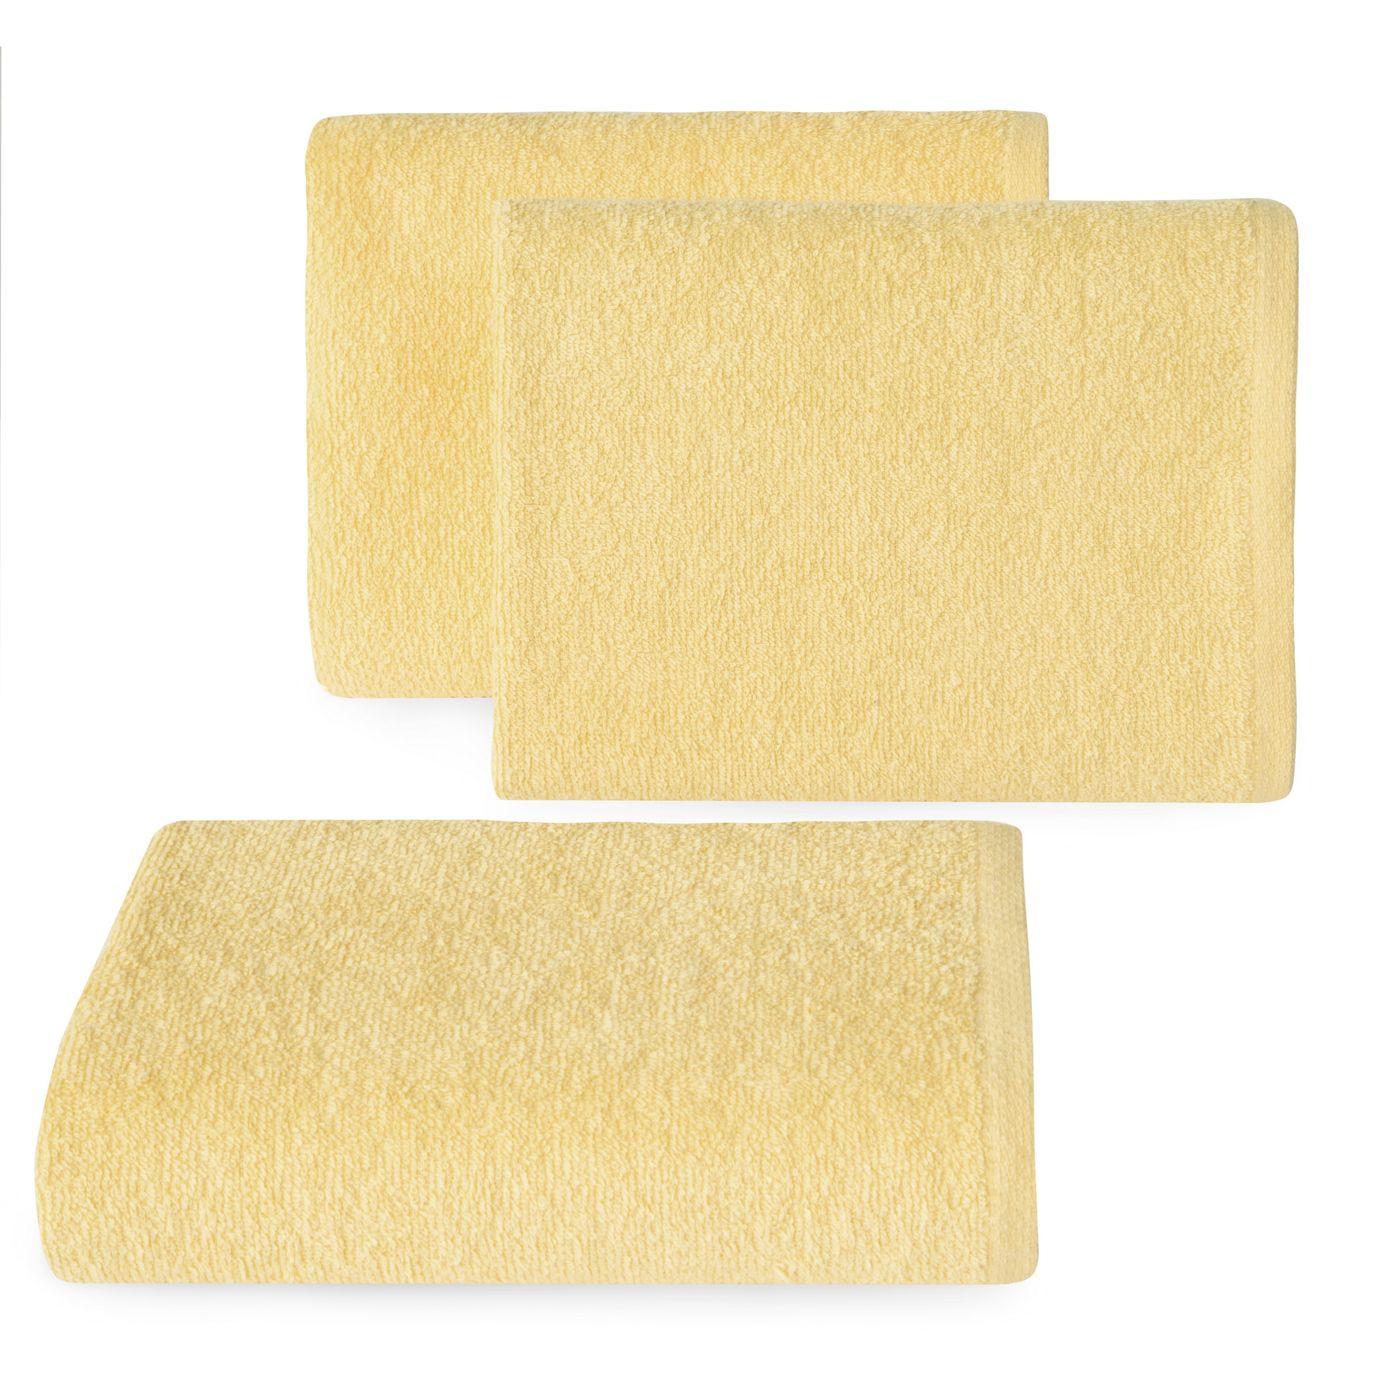 Ręcznik z bawełny gładki 30x50cm